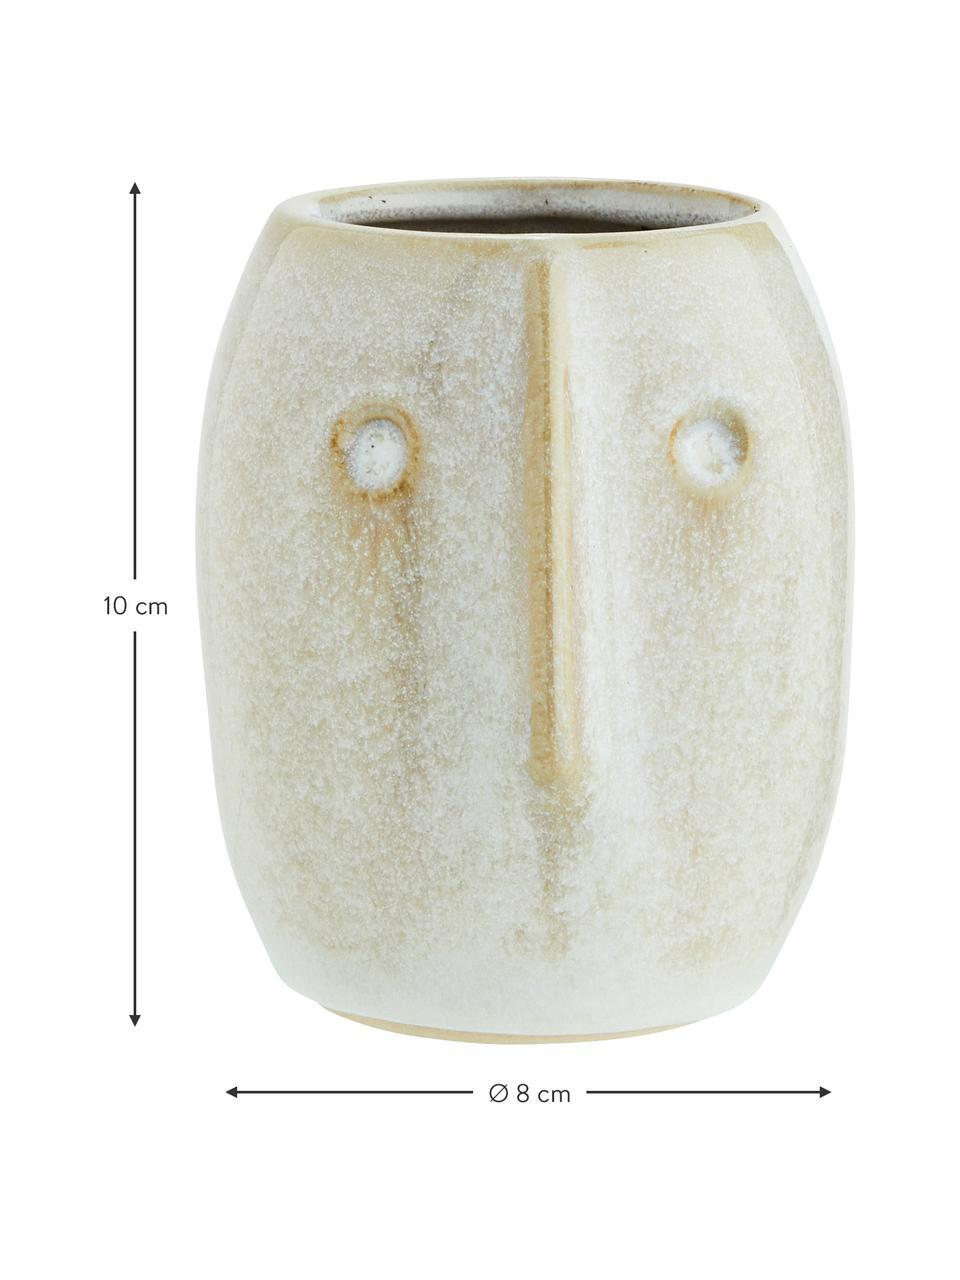 Mała osłonka na doniczkę z kamionki Face, Kamionka, Biały, beżowy, Ø 8 x W 10 cm